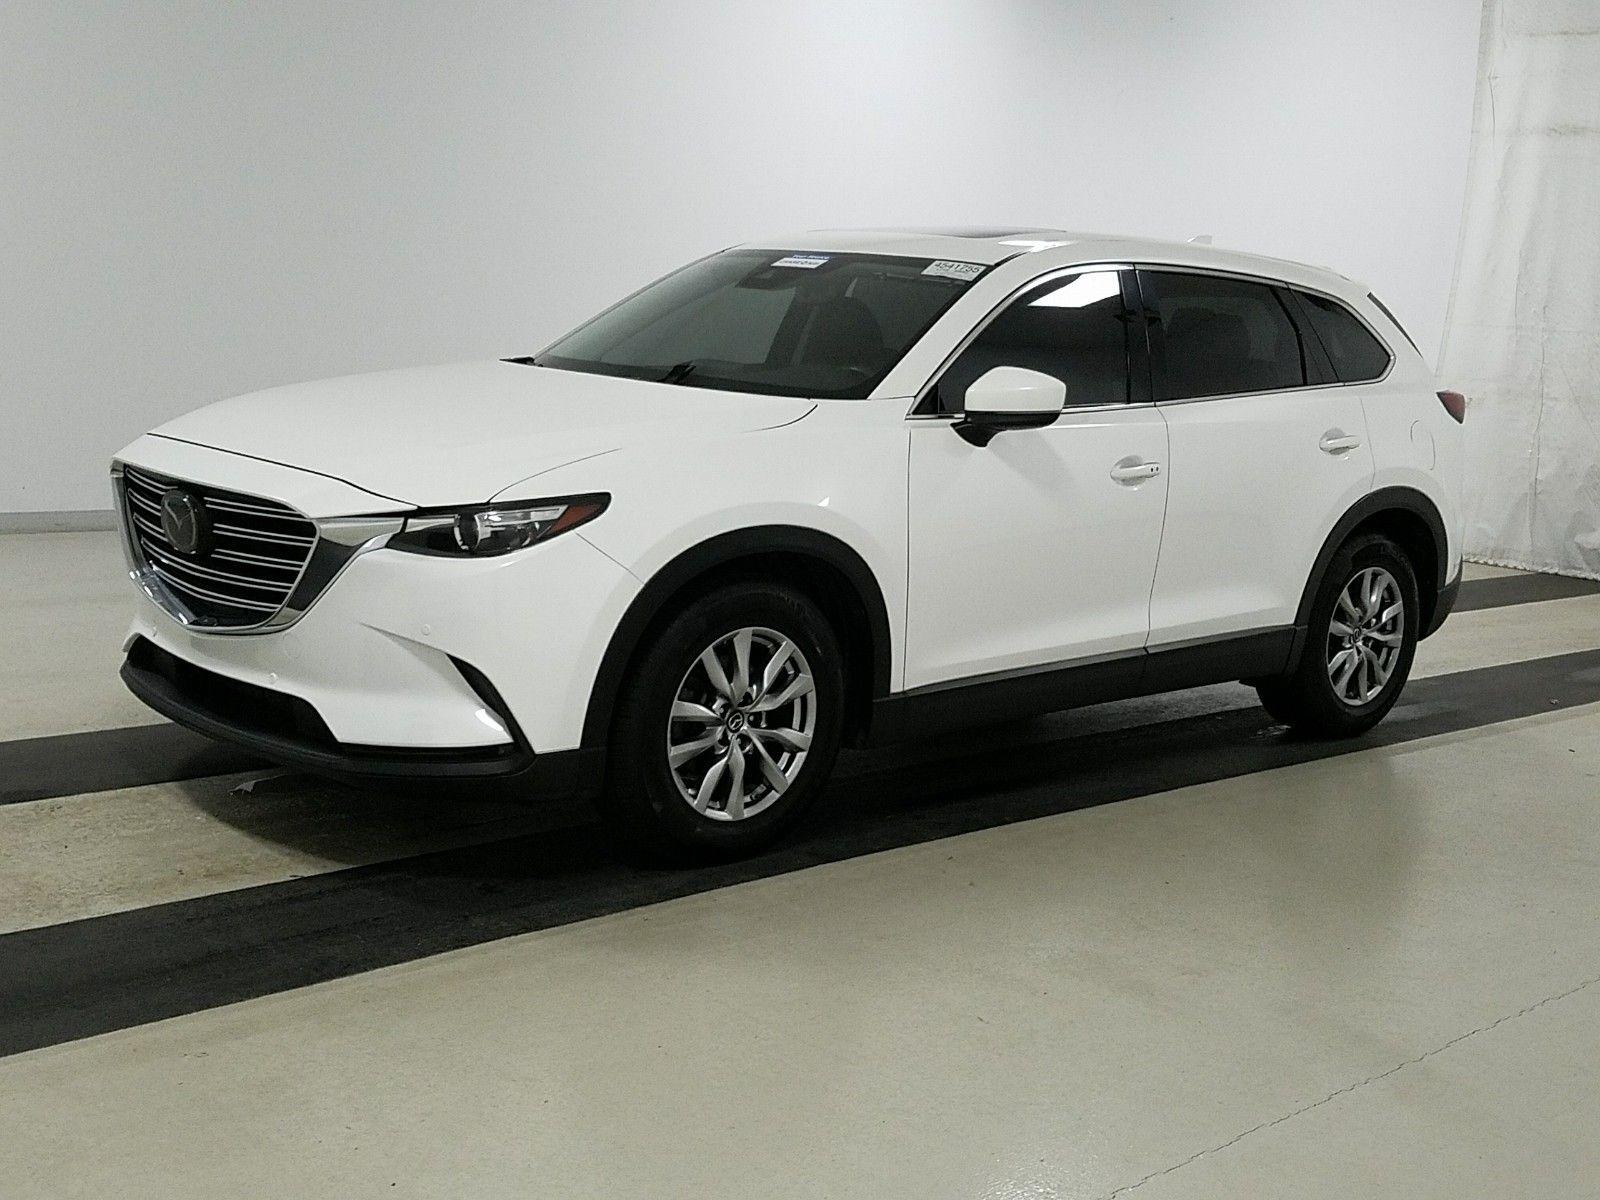 2018 Mazda Cx-9 2.5. Lot 99915987364 Vin JM3TCACY7J0204606